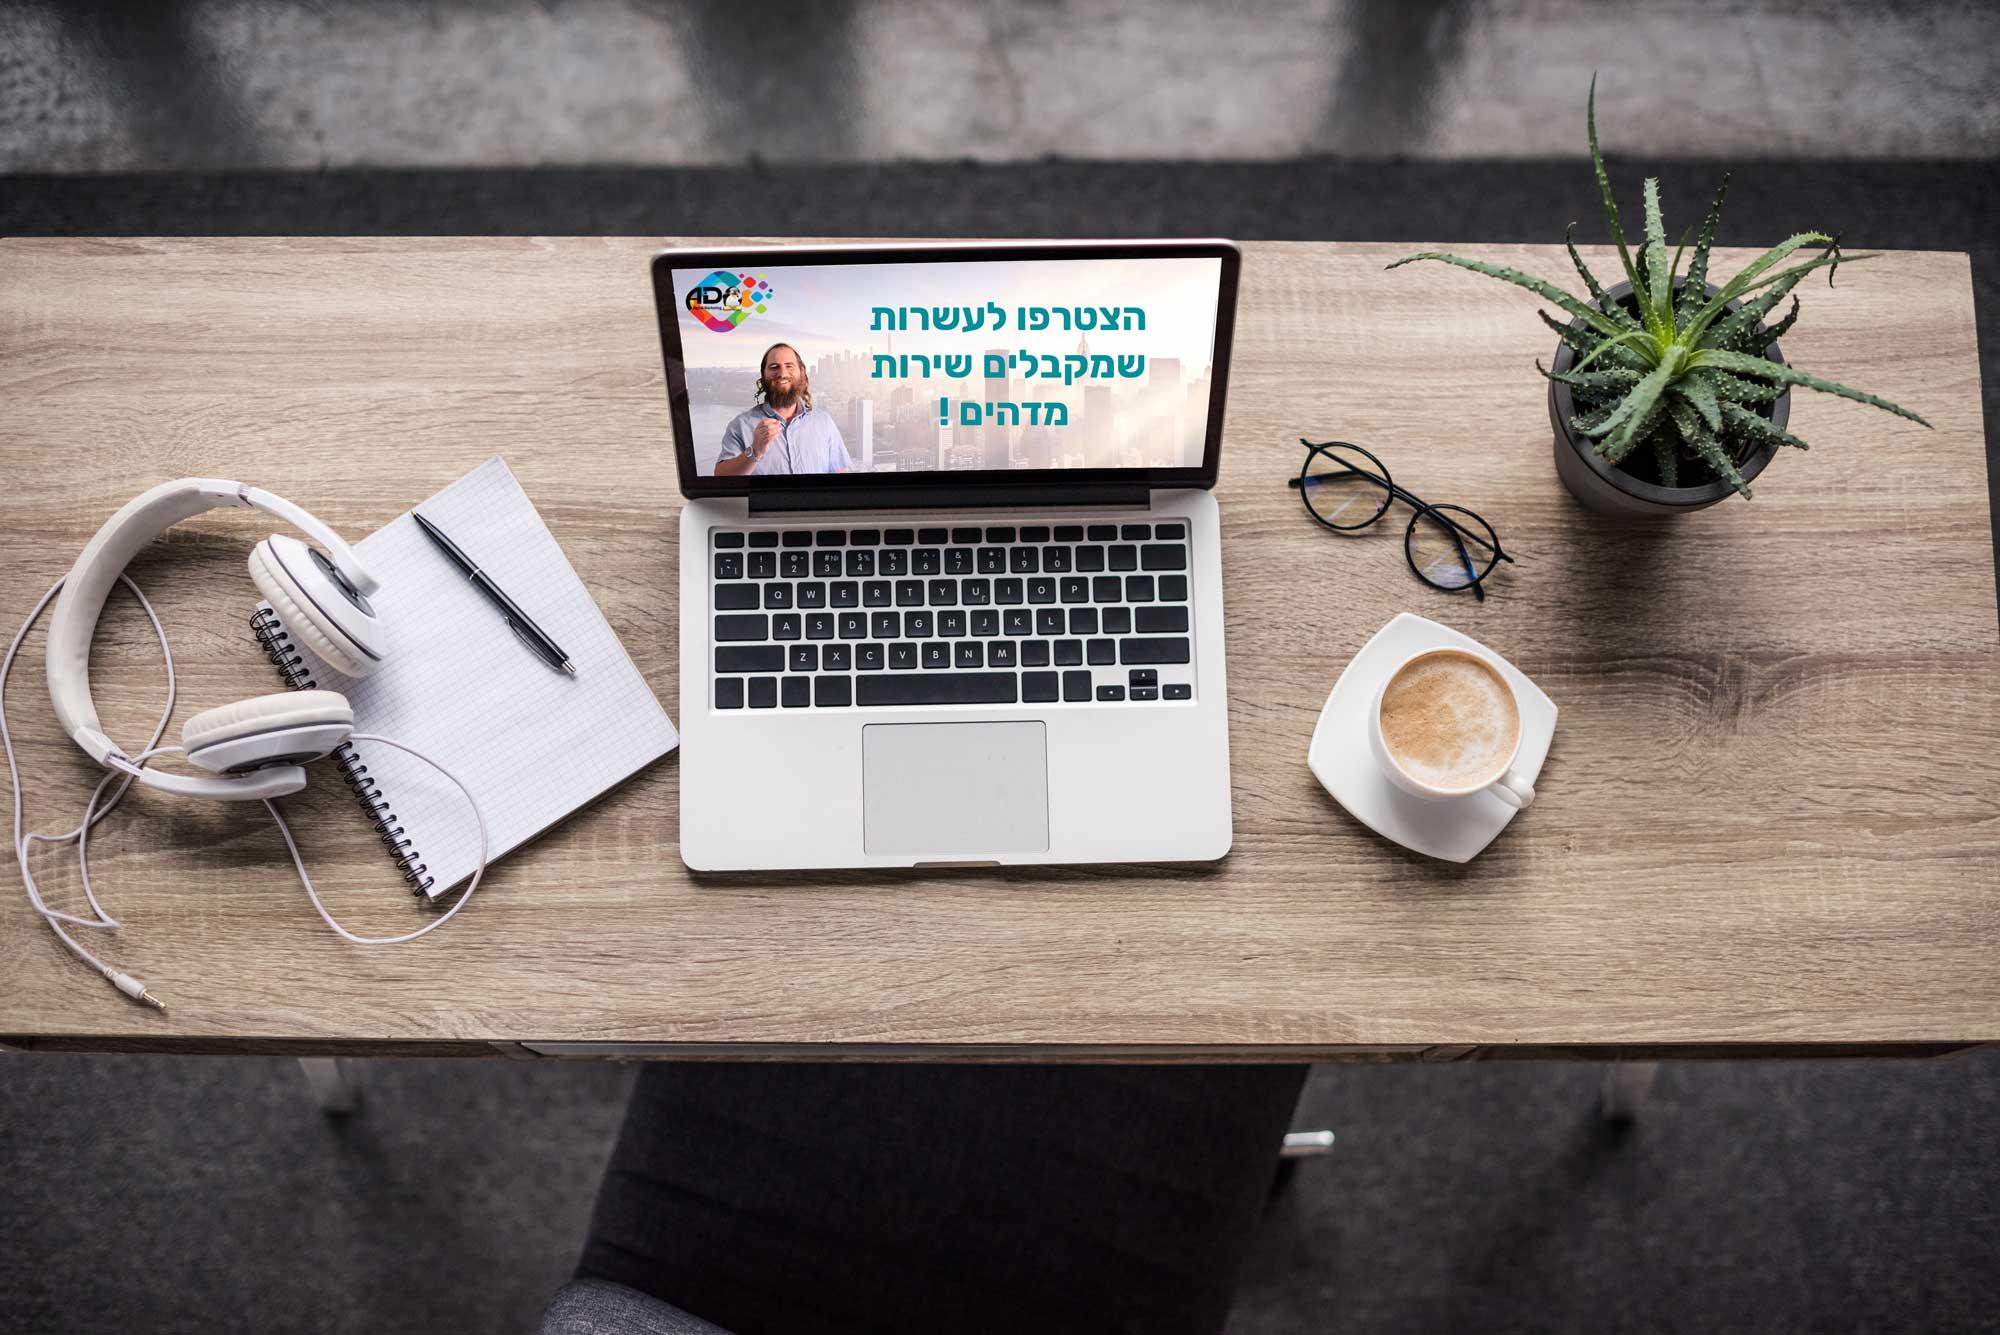 הקמת אתר לכנס דיגיטלי – איך עושים את זה?